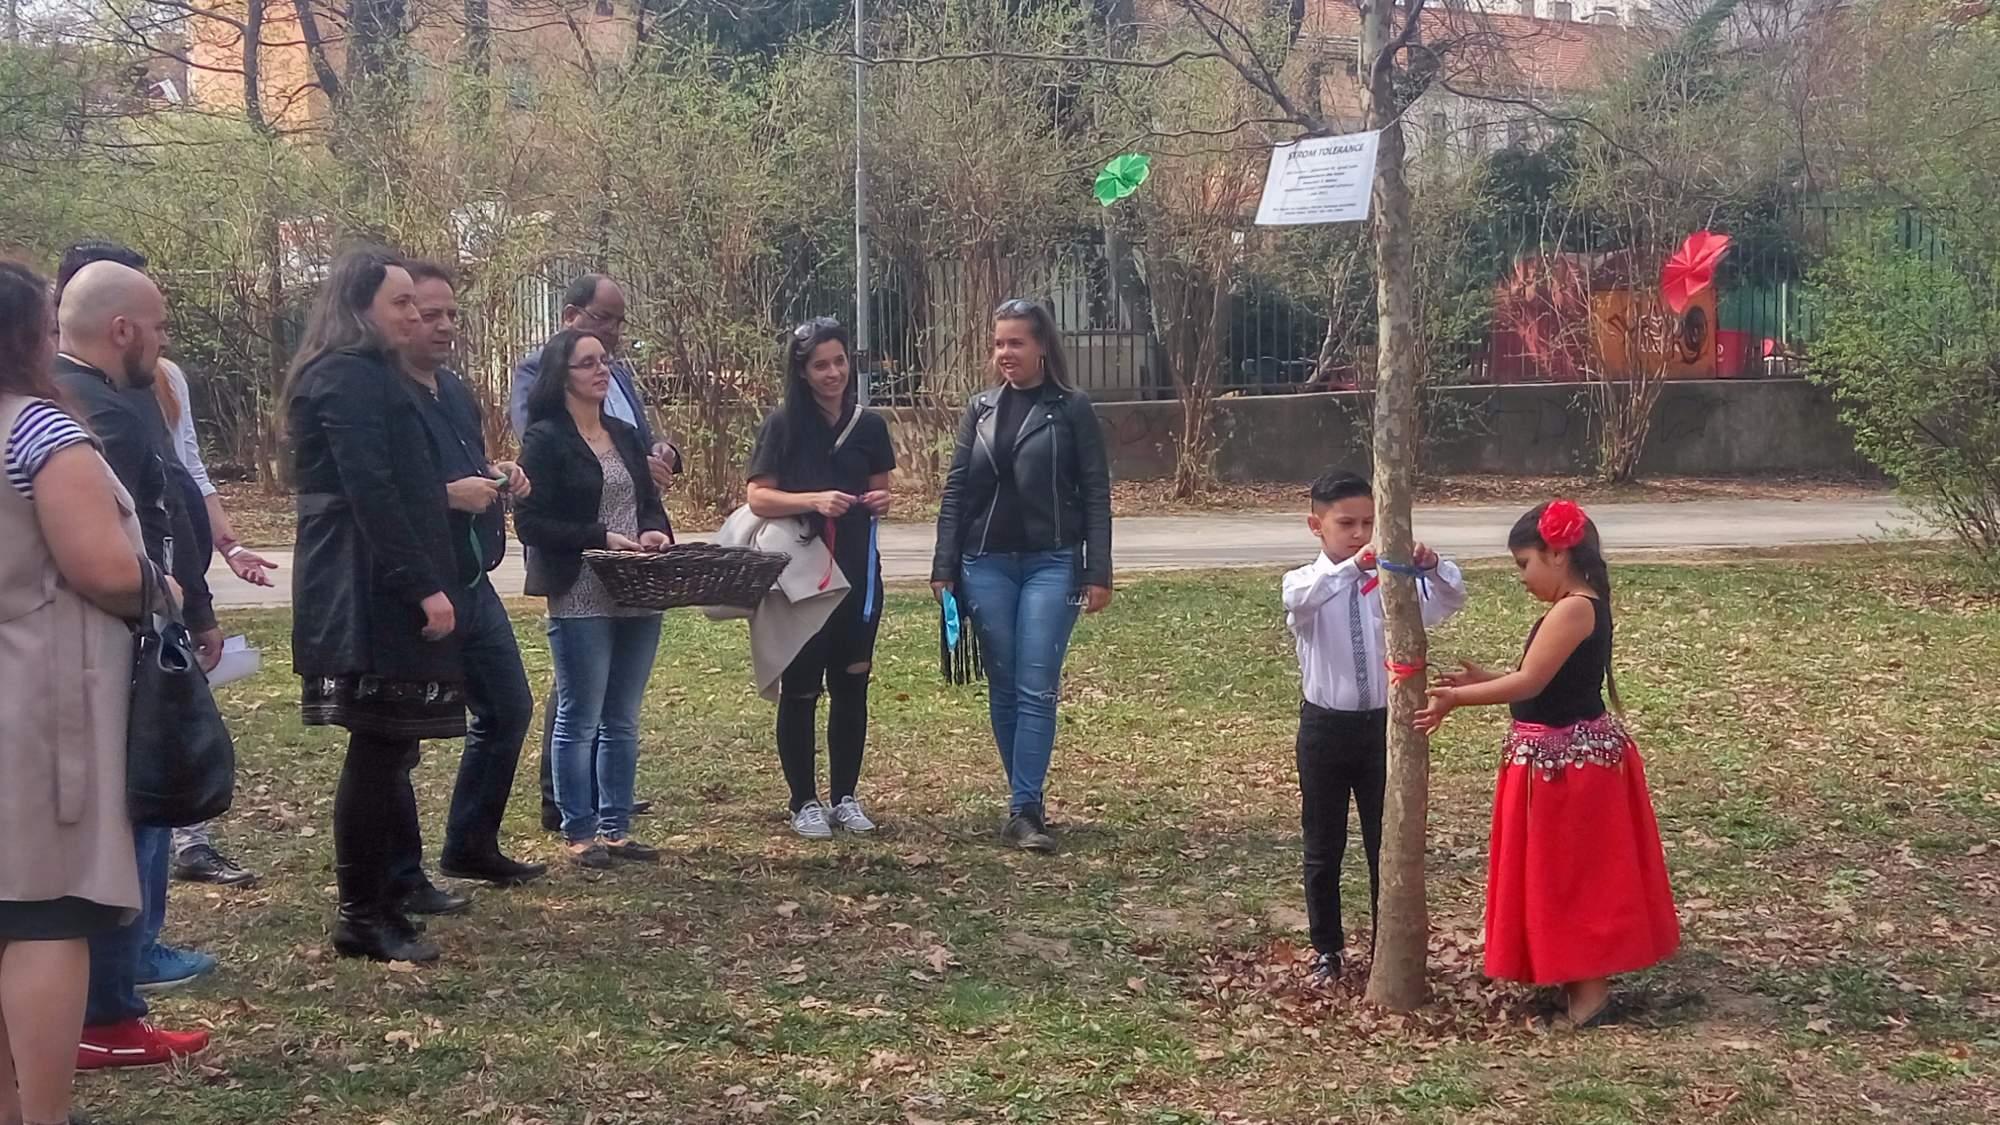 Součástí oslav Mezinárodního dne Romů je navazování stužek na strom tolerance. | Foto: Michaela Lebedíková